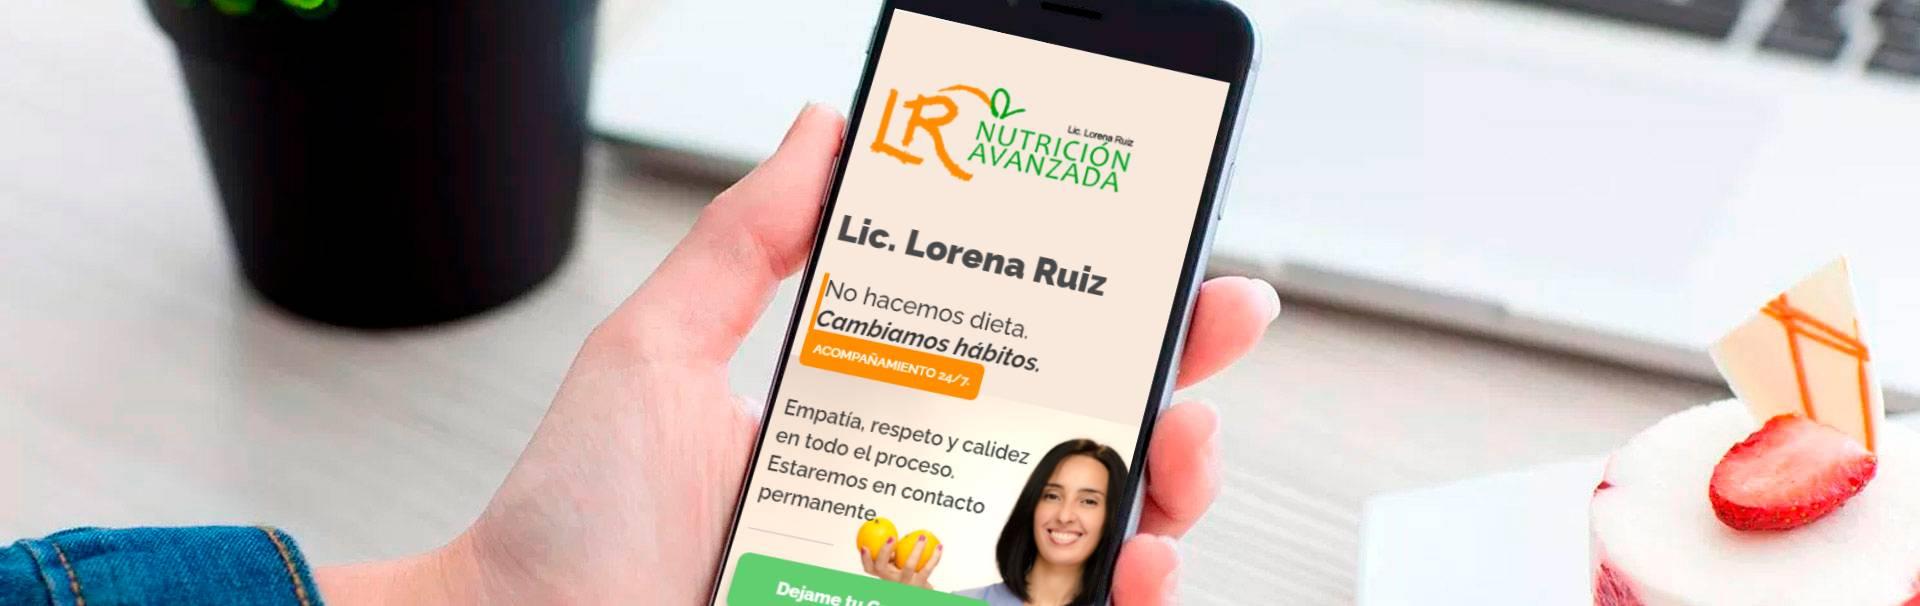 Lorena Ruiz Nutricion